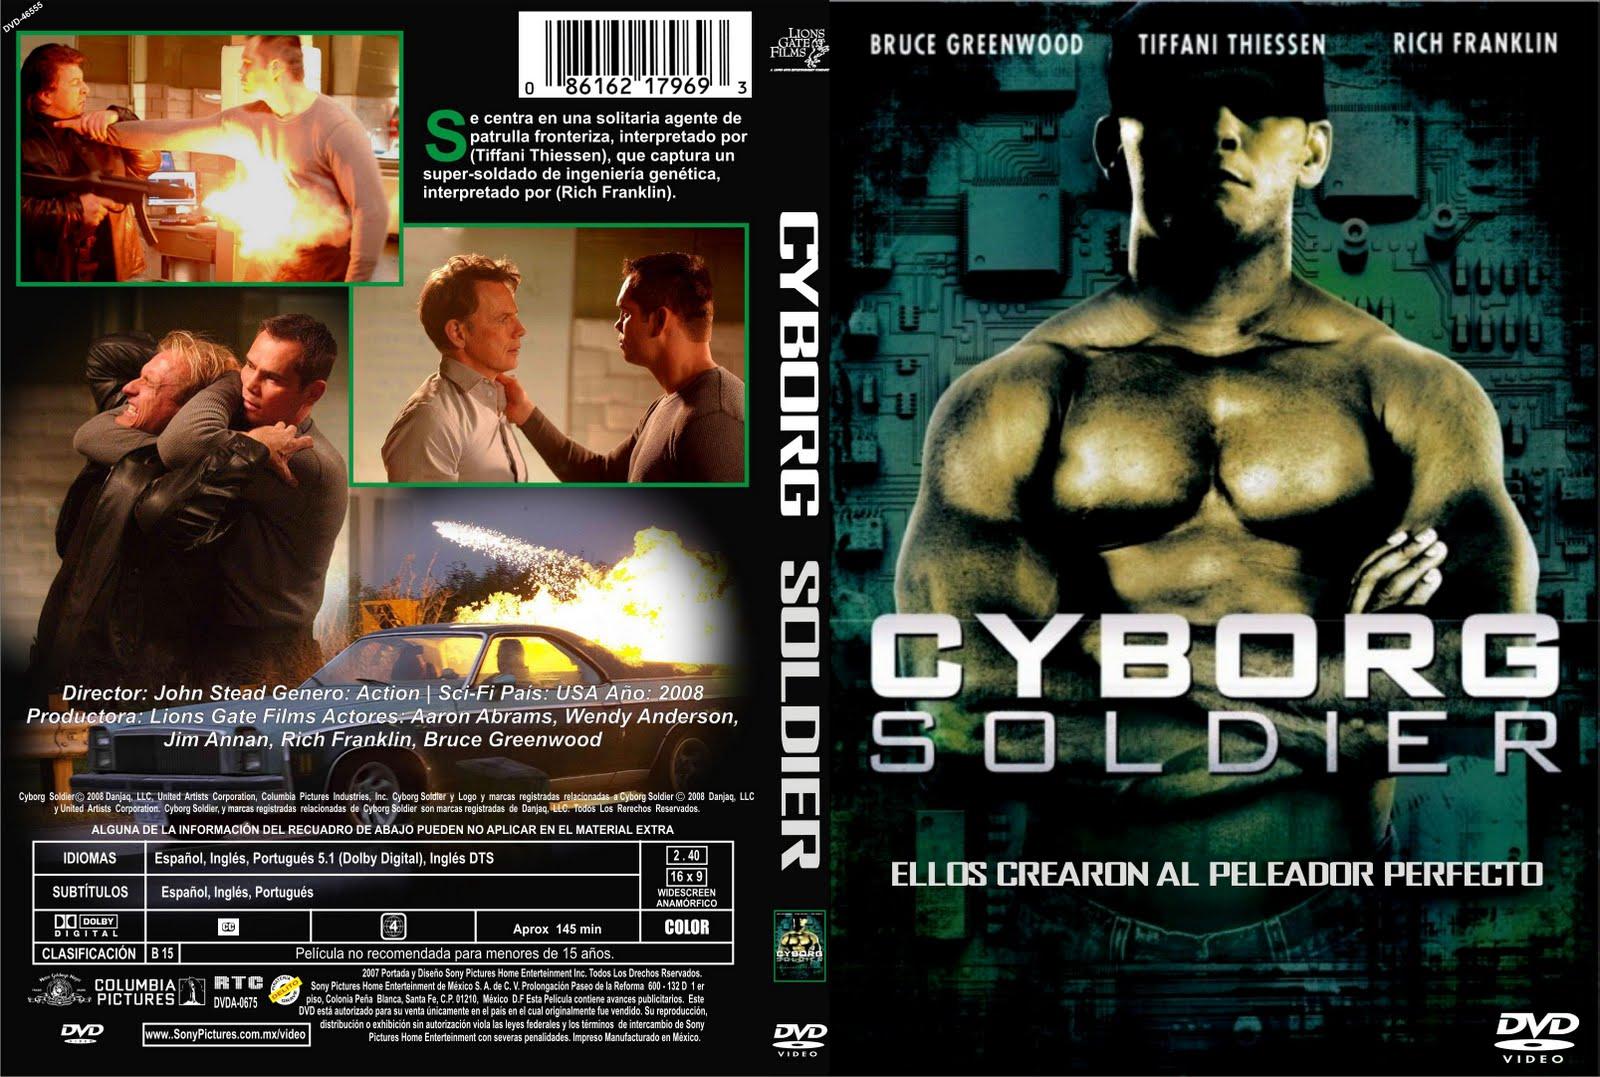 Cyborg soldier movie